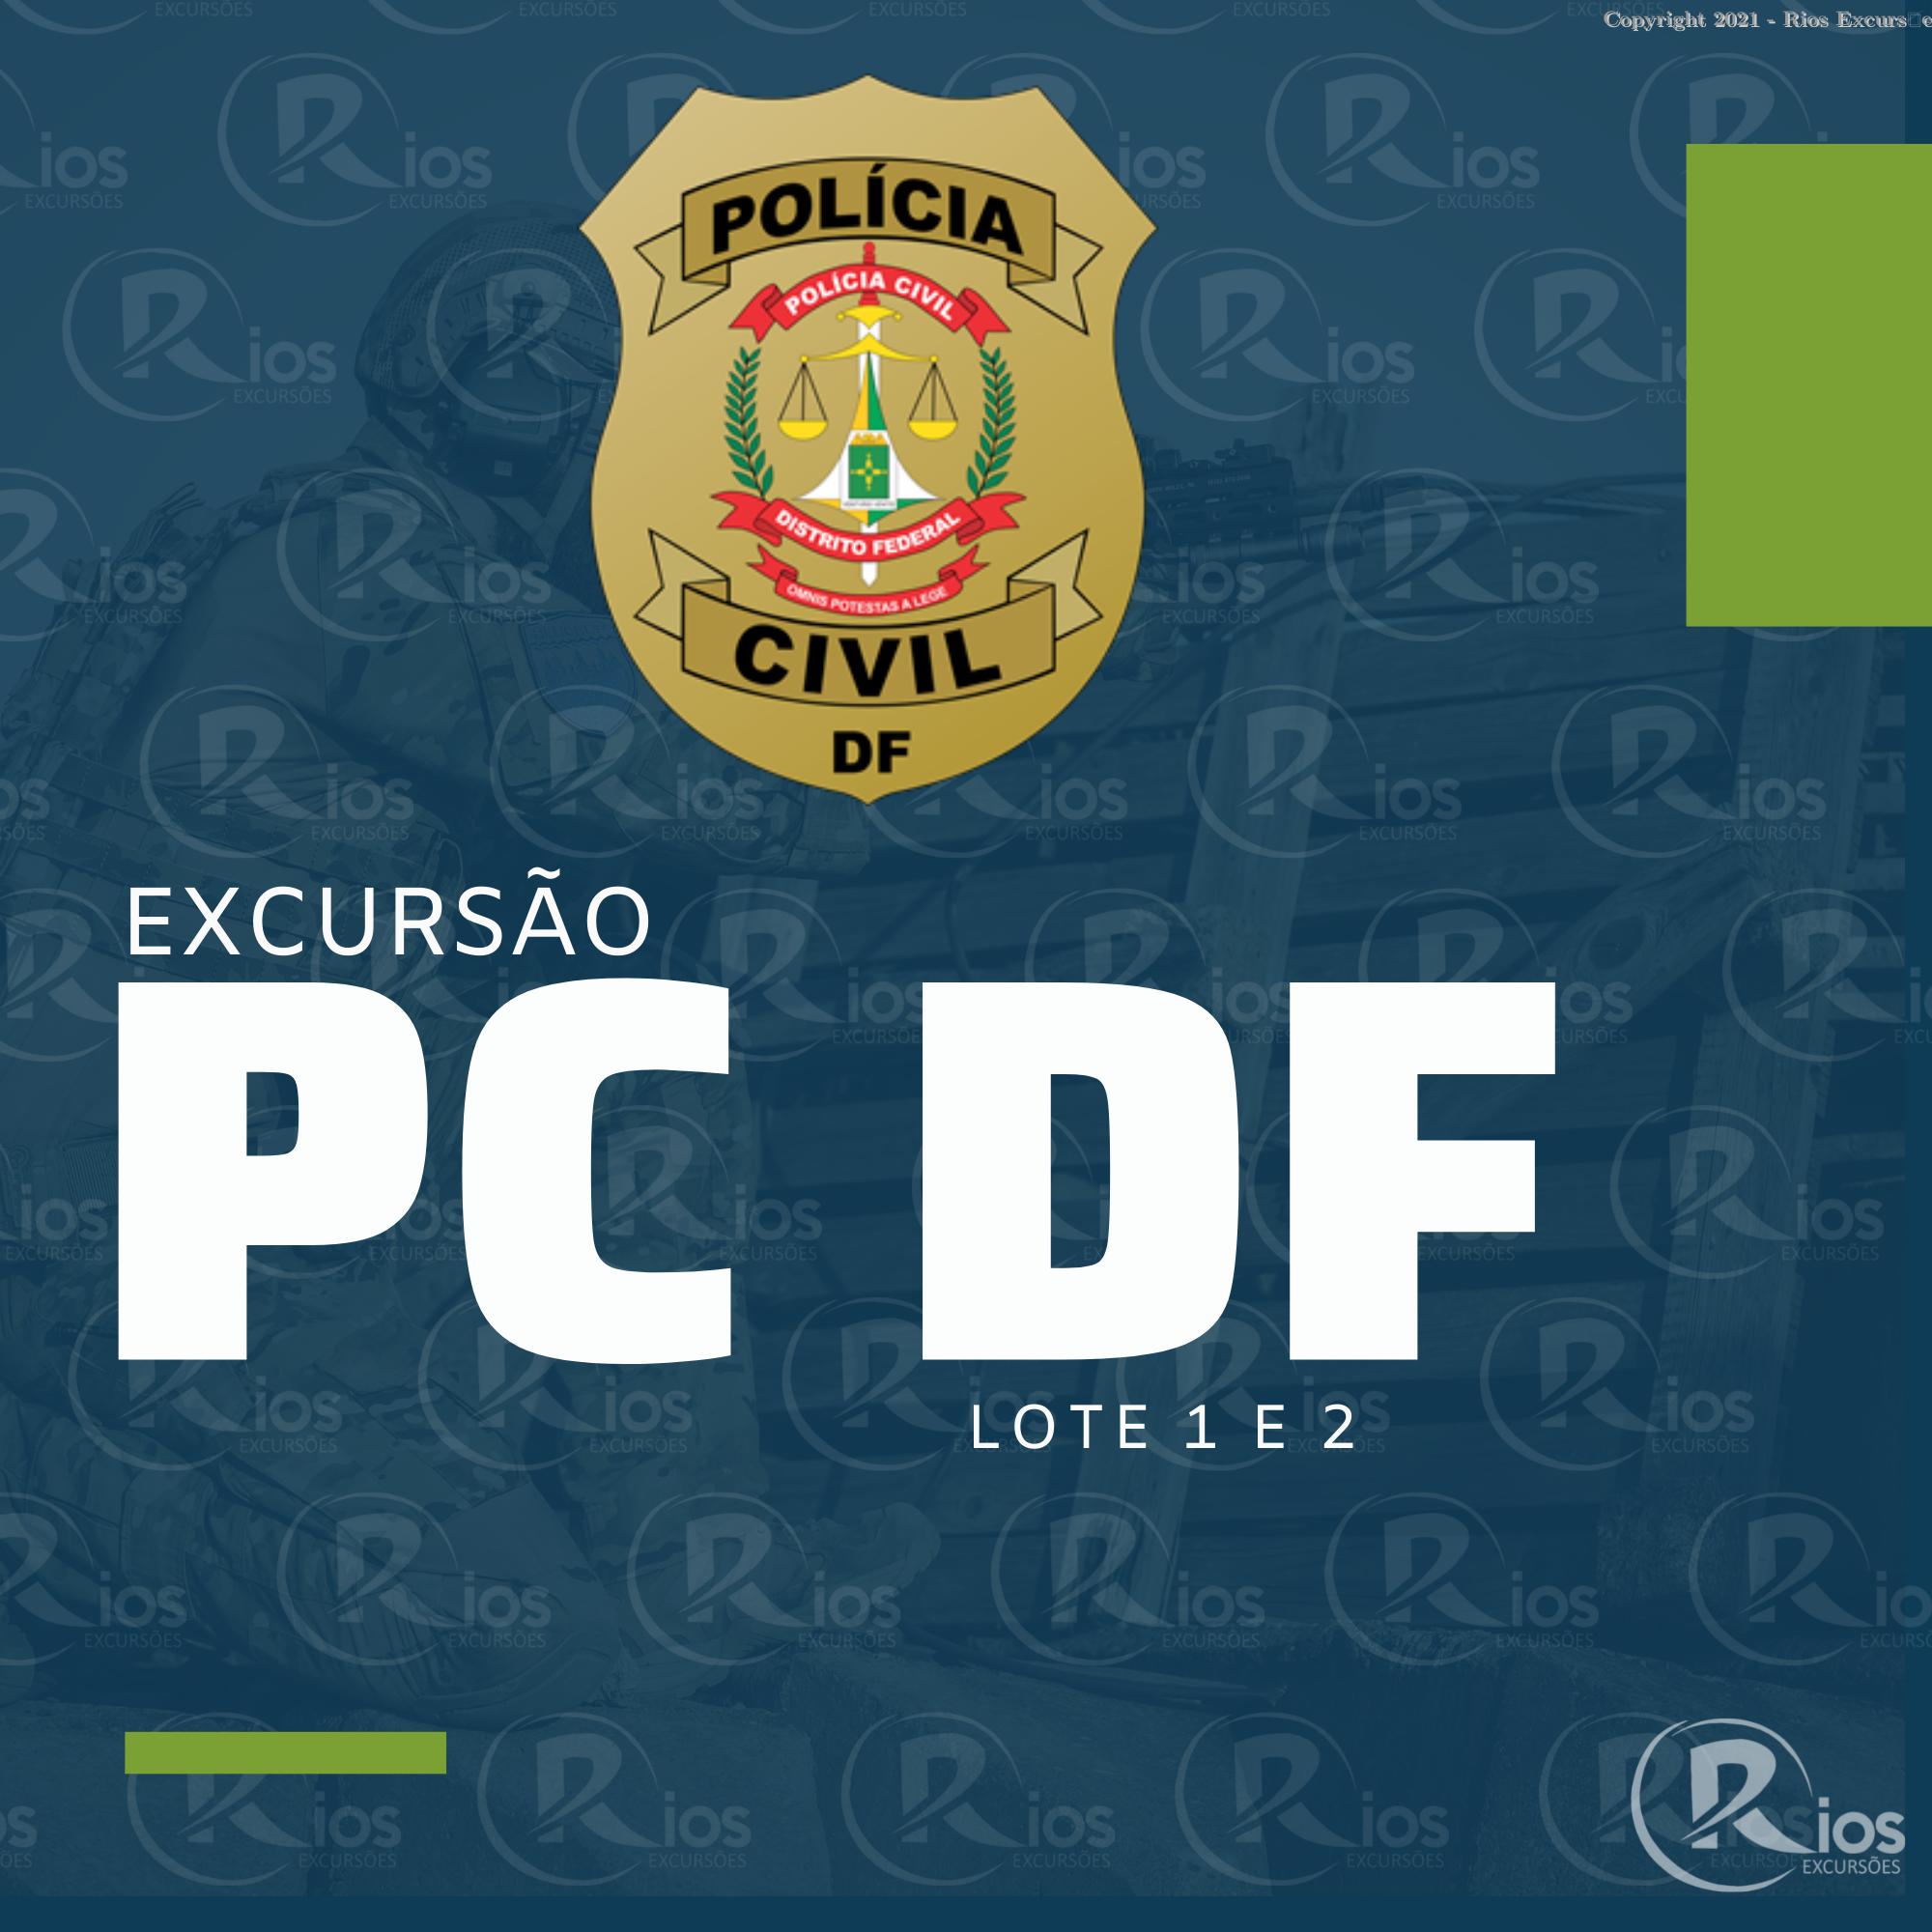 EXCURSÃO PCDF AGENTE (SAIDA NA SEXTA) LOTE 1 E 2